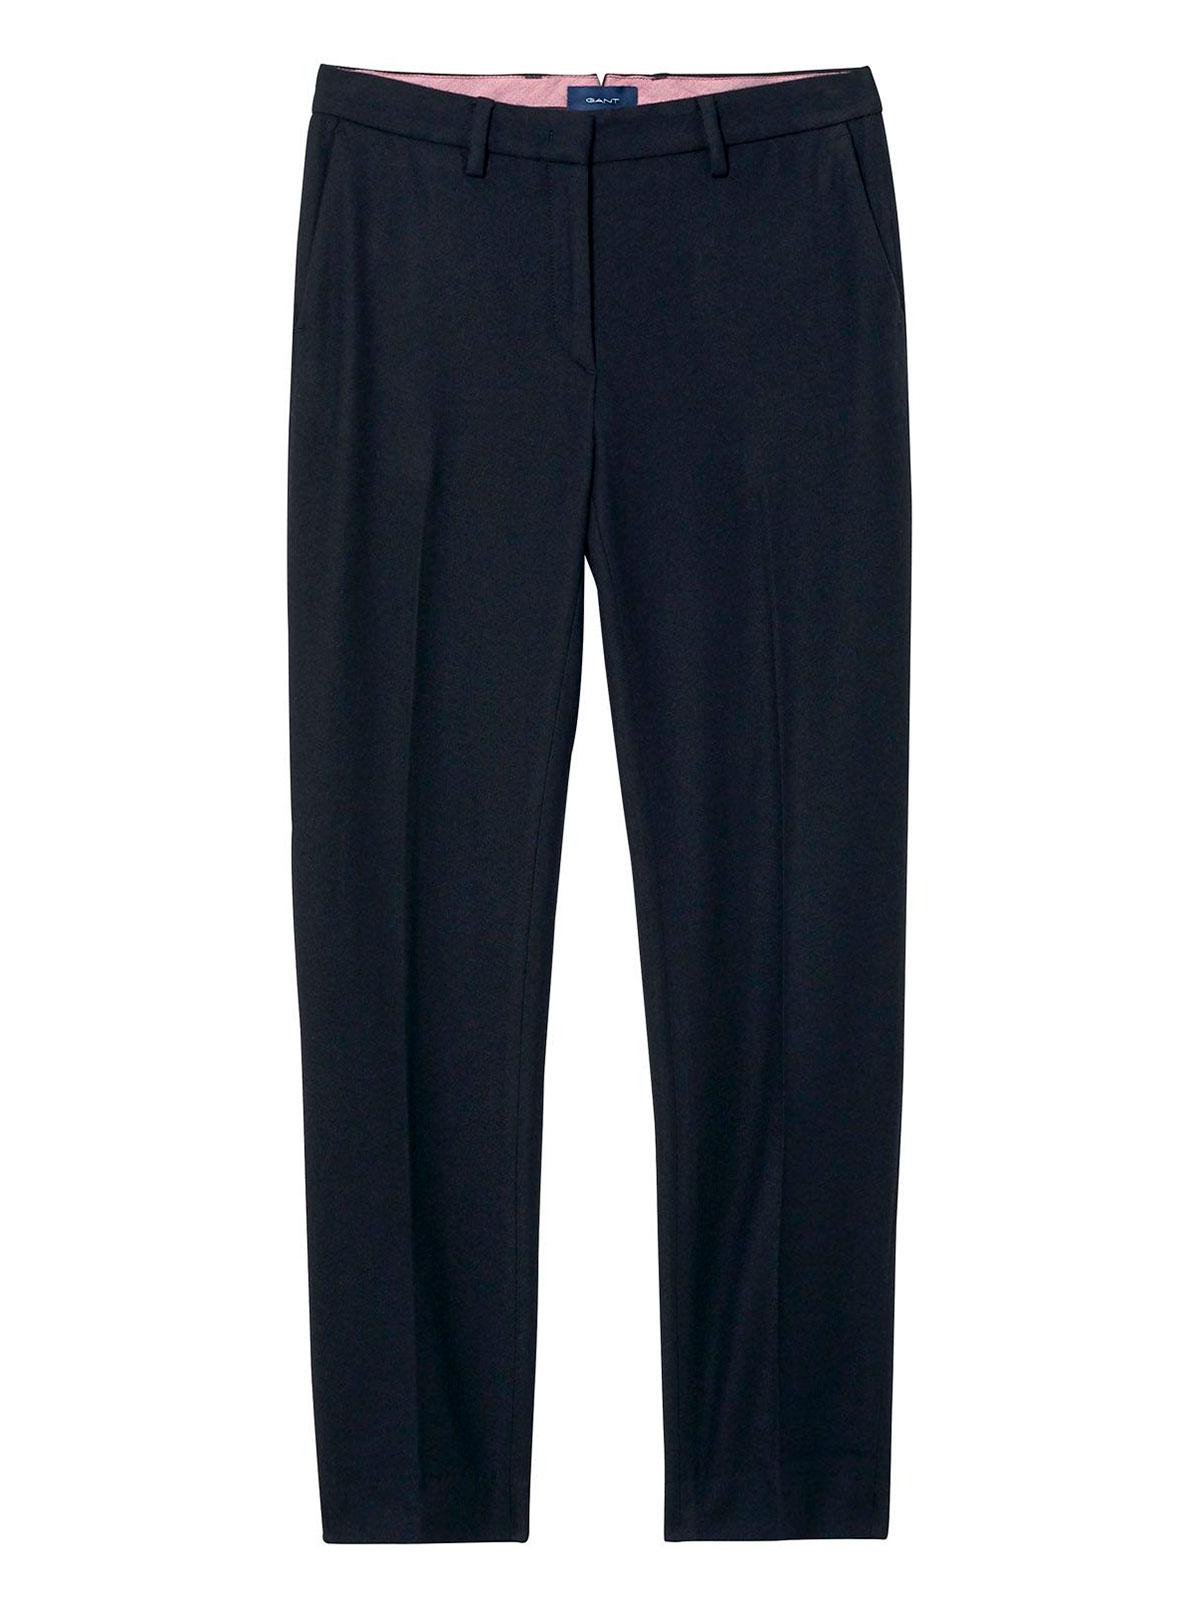 Immagine di GANT | Pantaloni Donna in Flanella